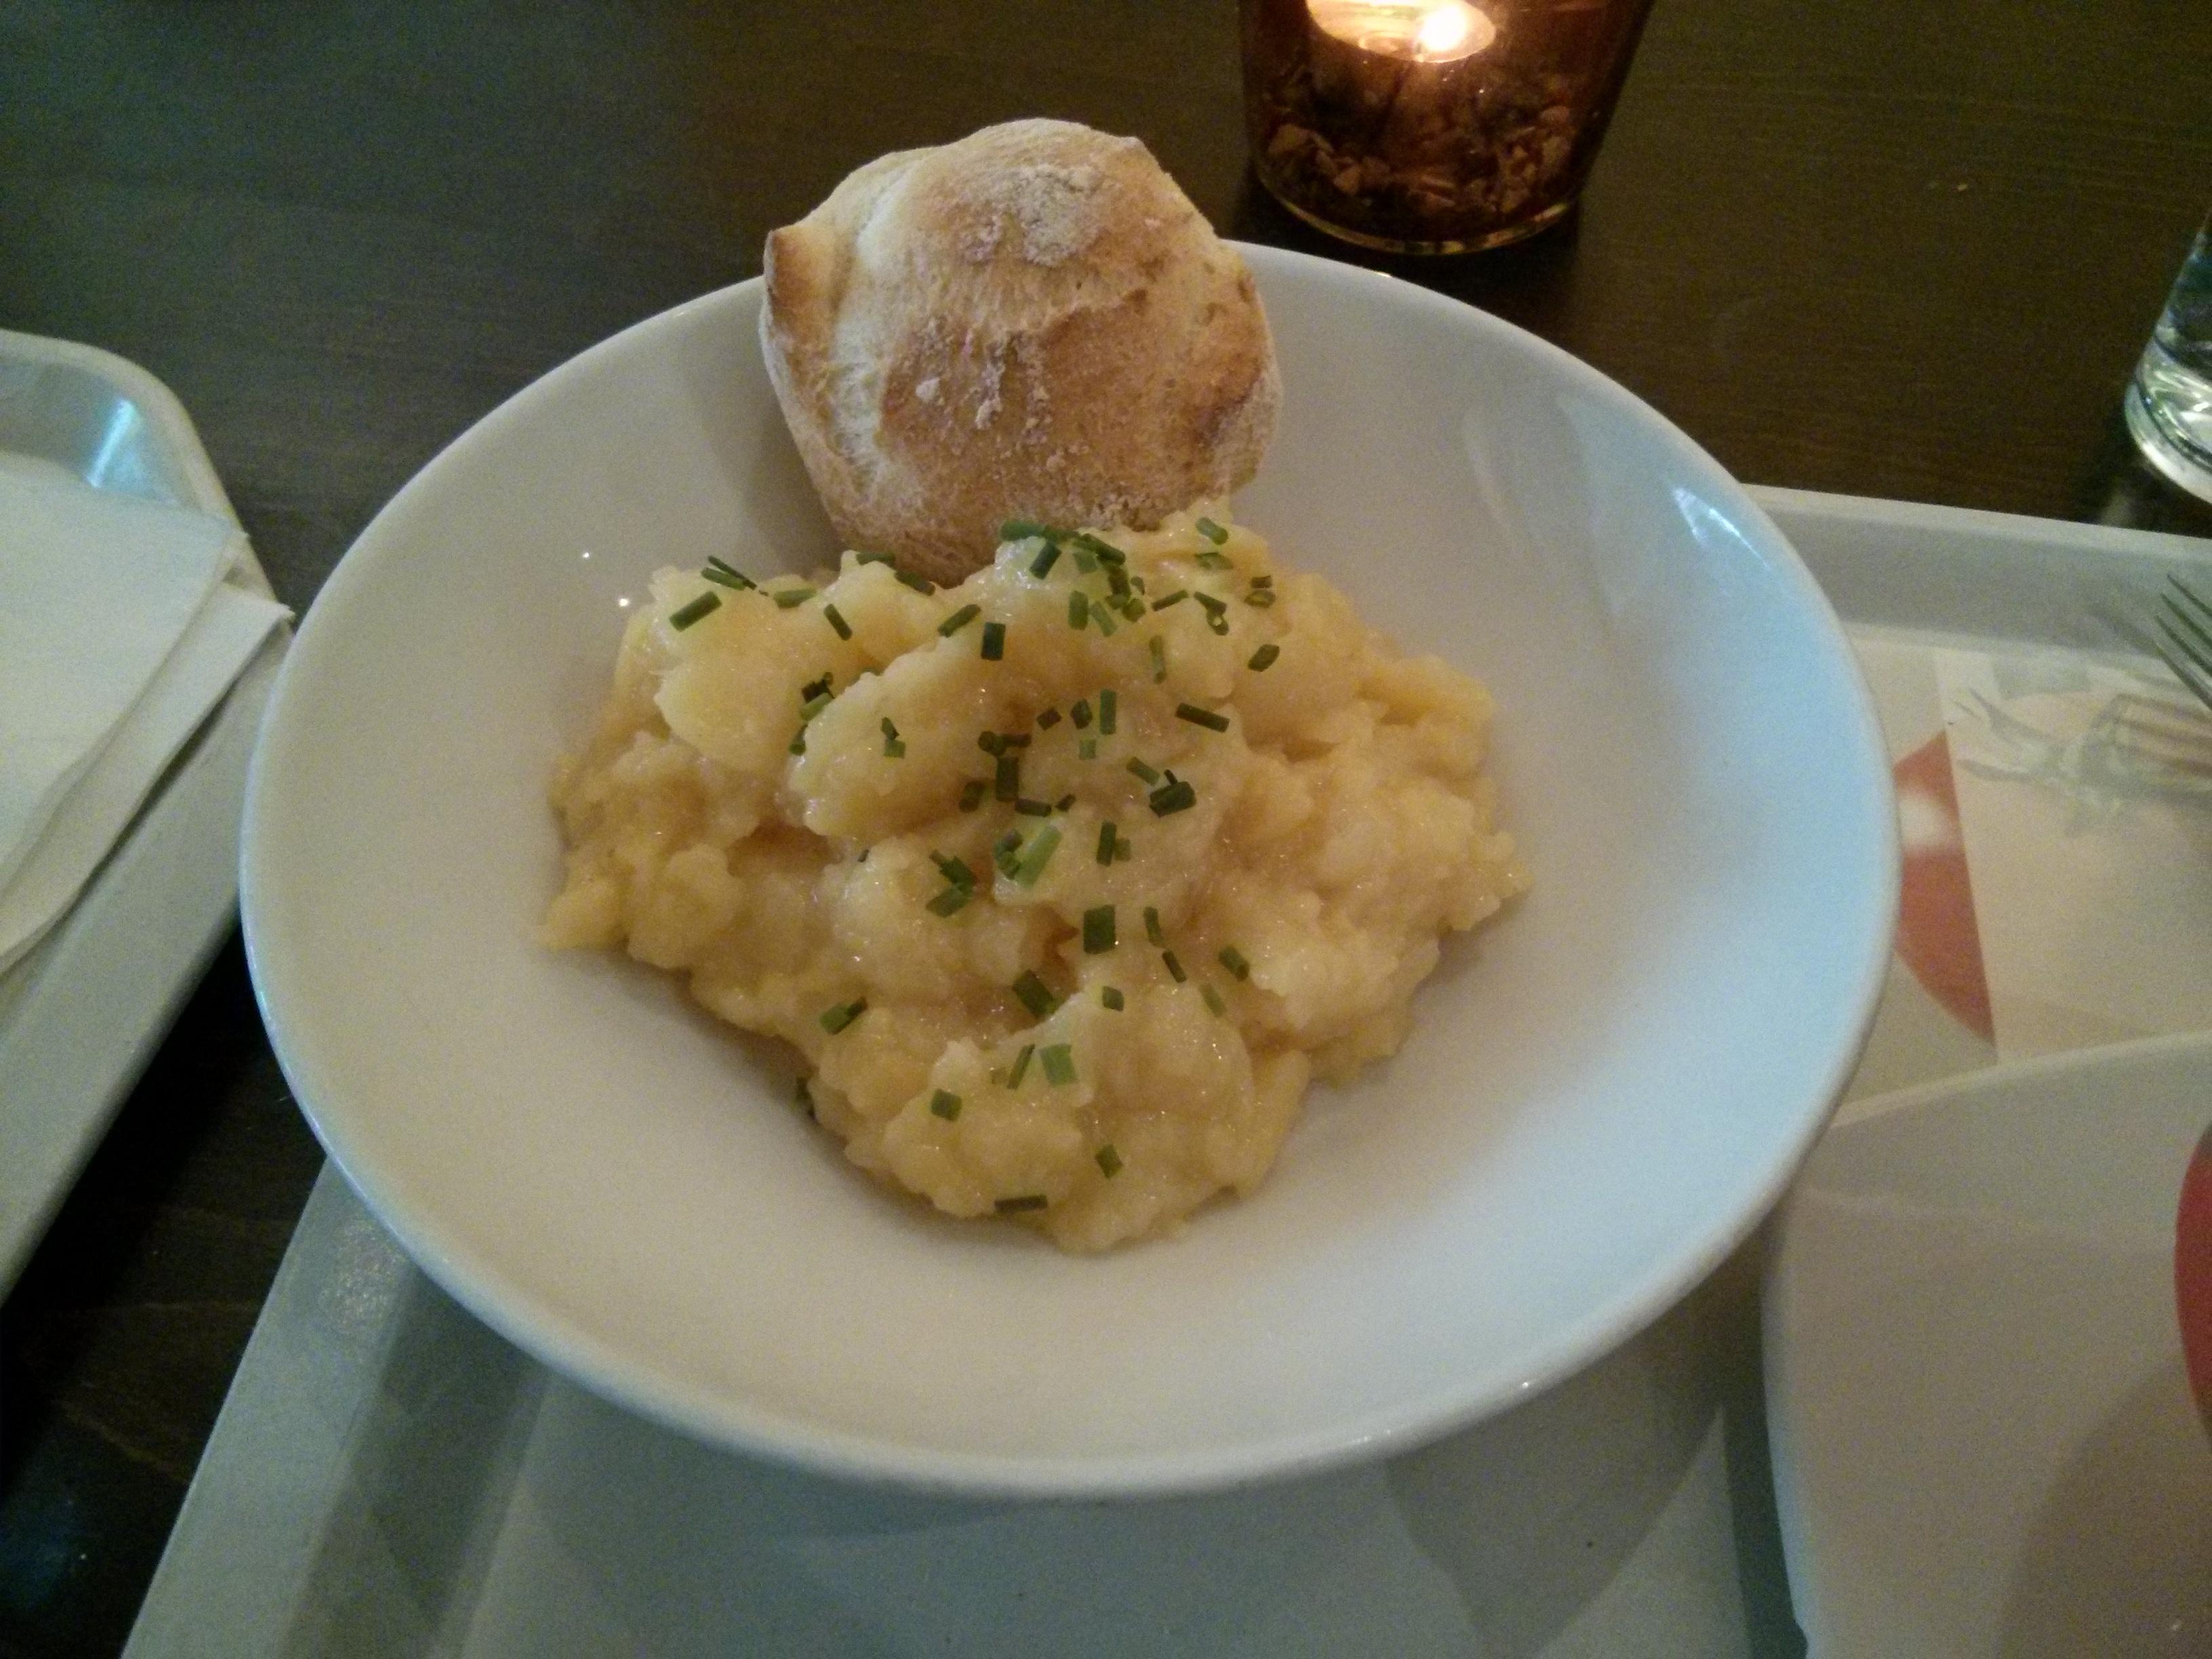 https://foodloader.net/nico_2013-11-12_kartoffelsalat-mit-broetchen.jpg